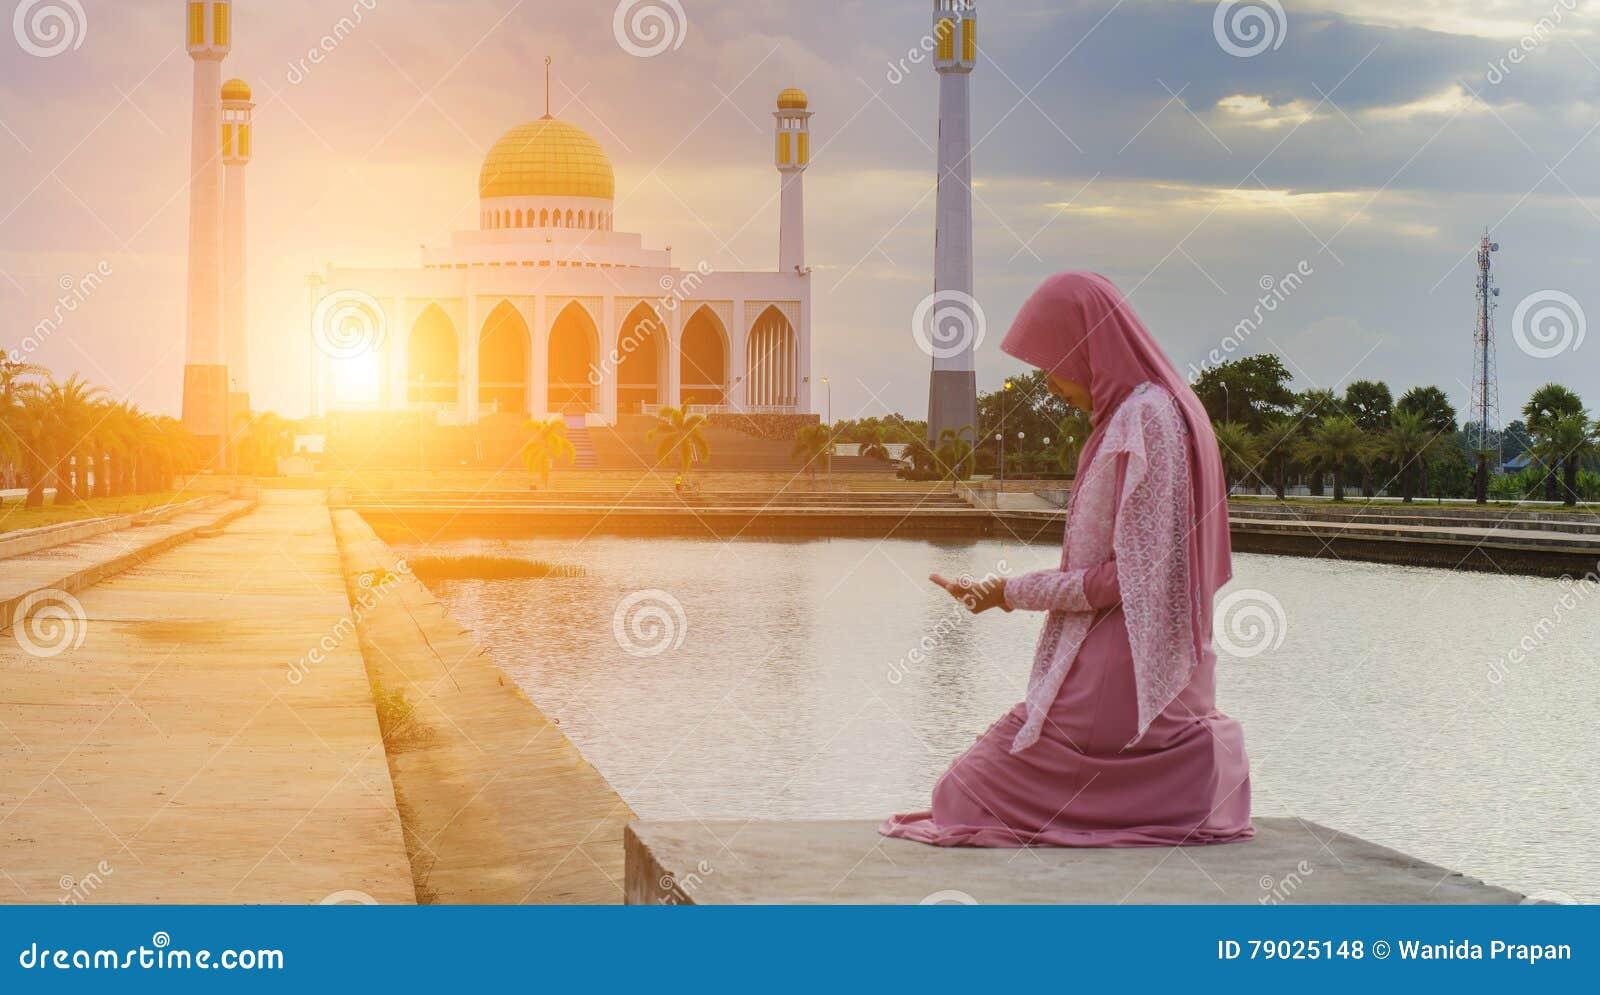 Versluierde Islamitische vrouw die een burka dragen die zich in een straal van luchtlicht in atmosferische duisternis bevinden